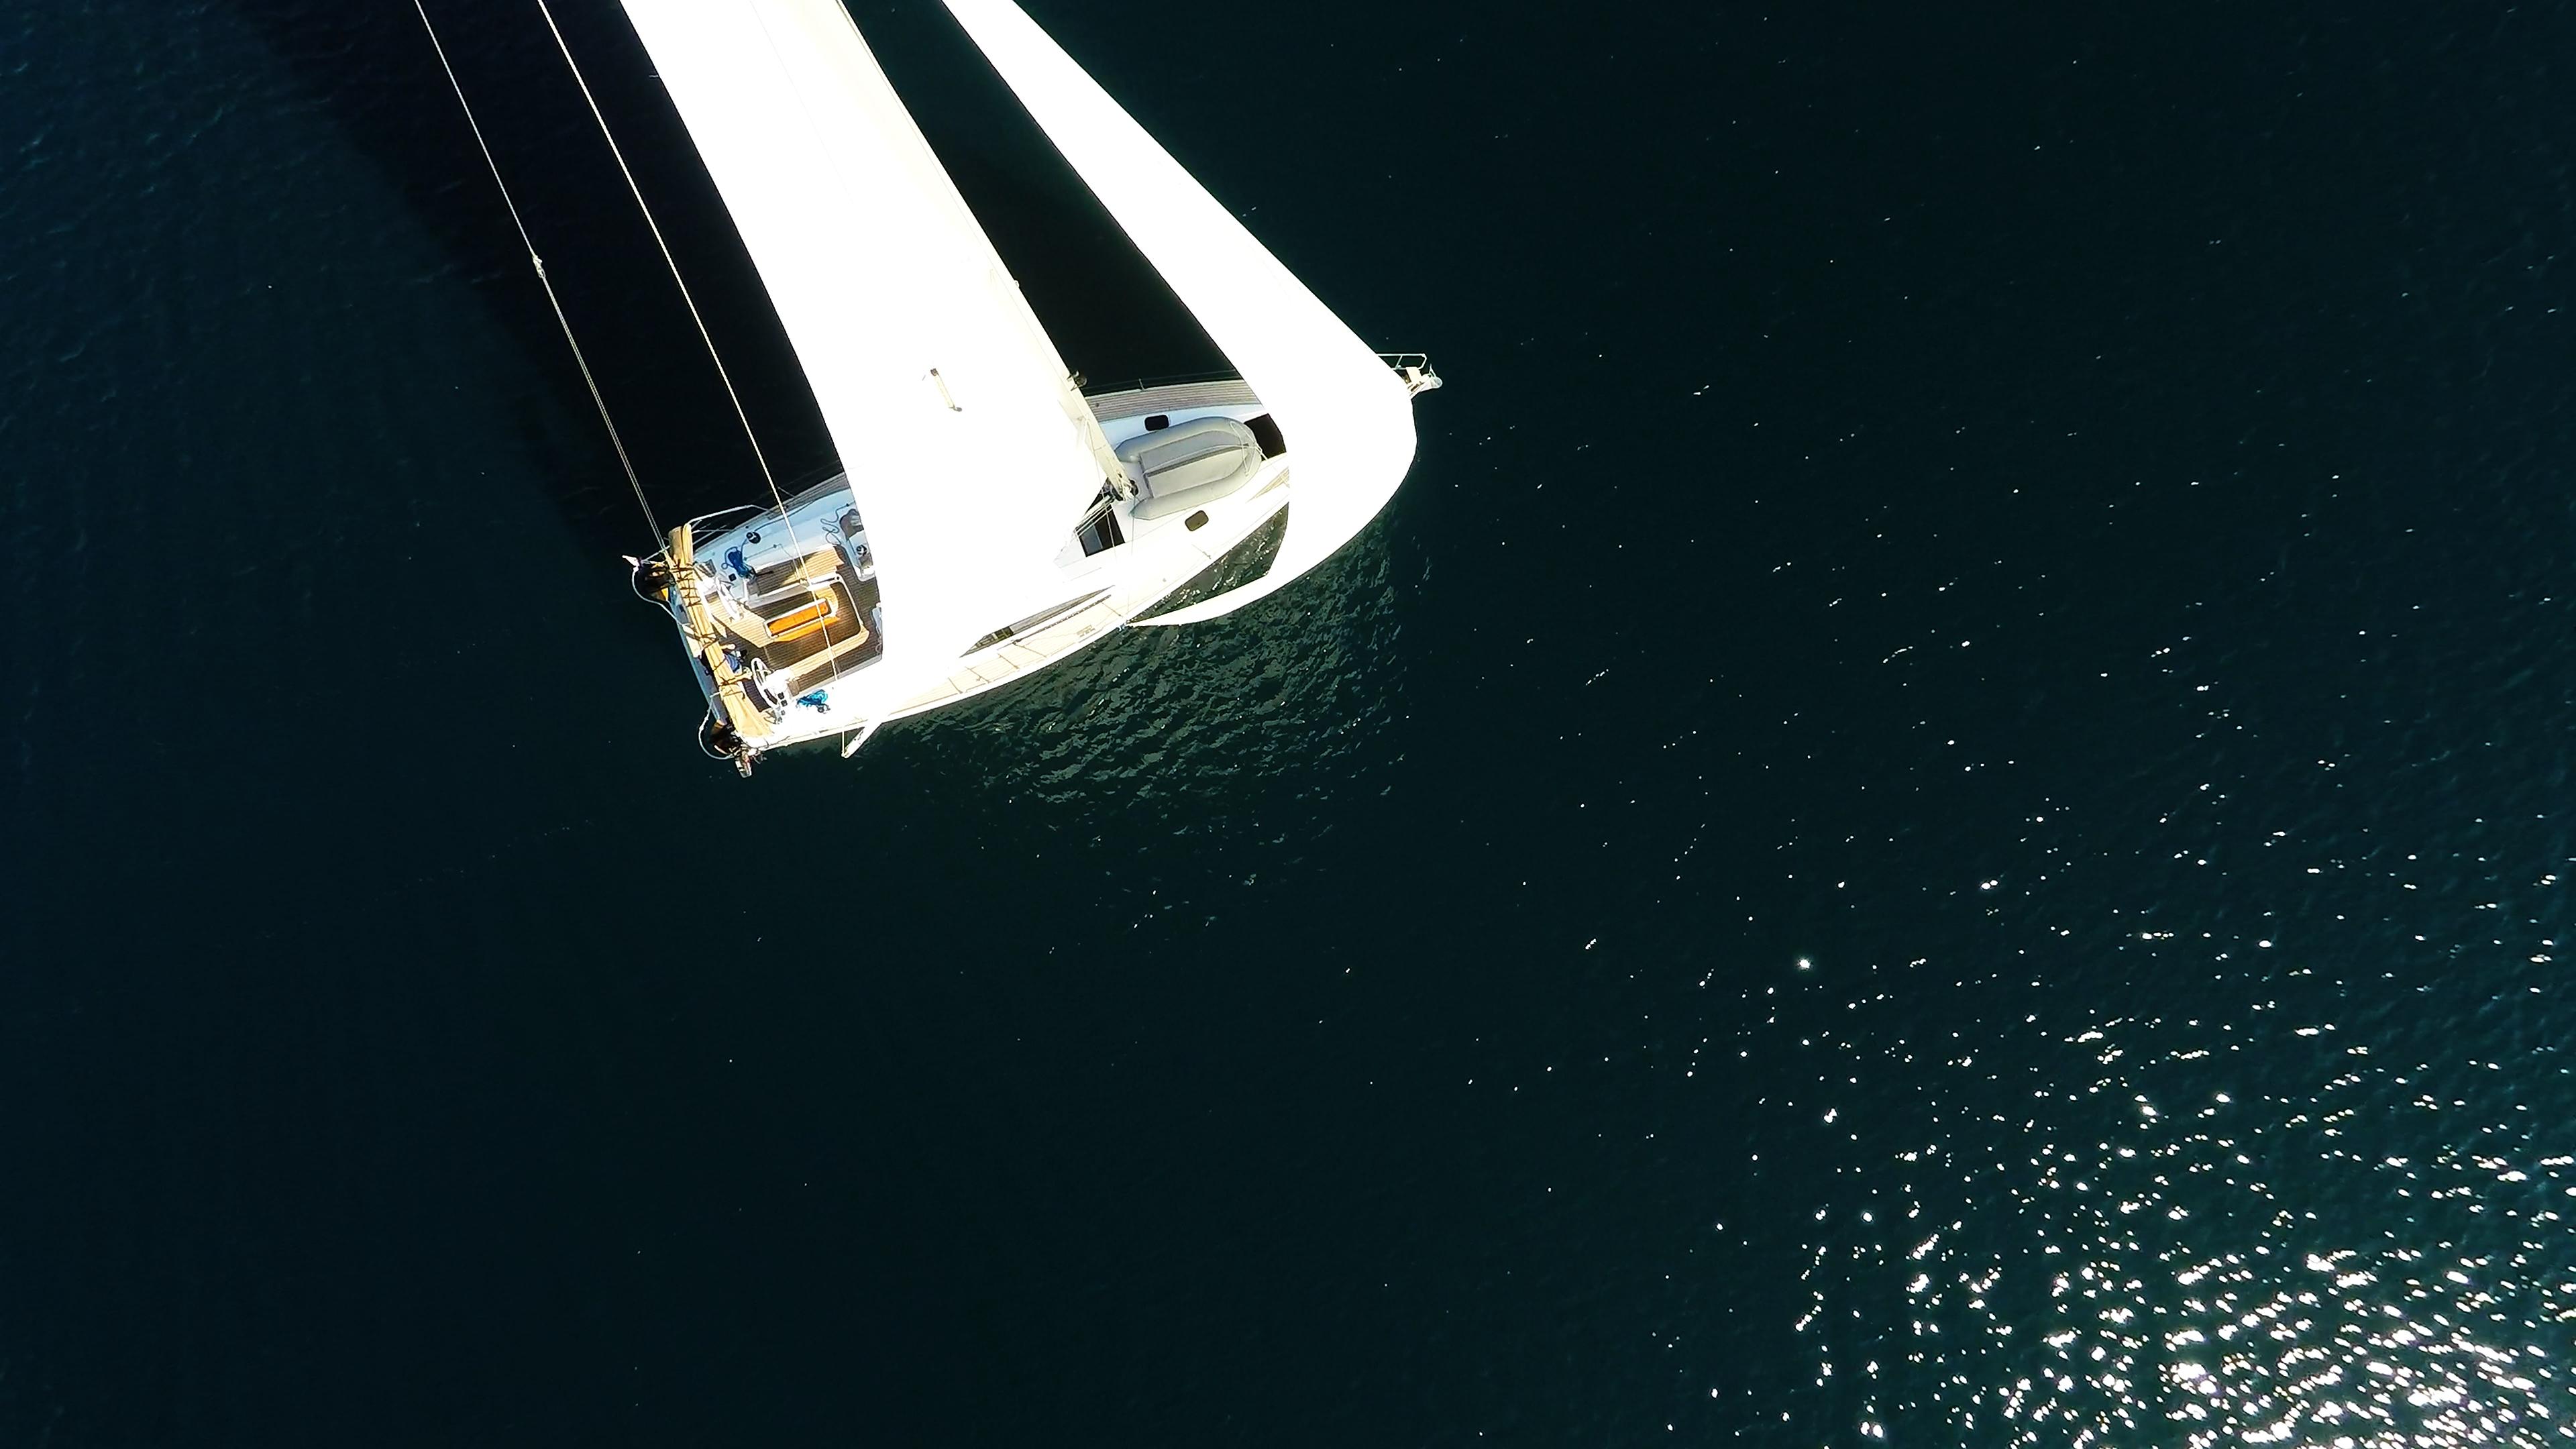 bateau à voile vue d'oimeru bateau à voile voiliers voiles